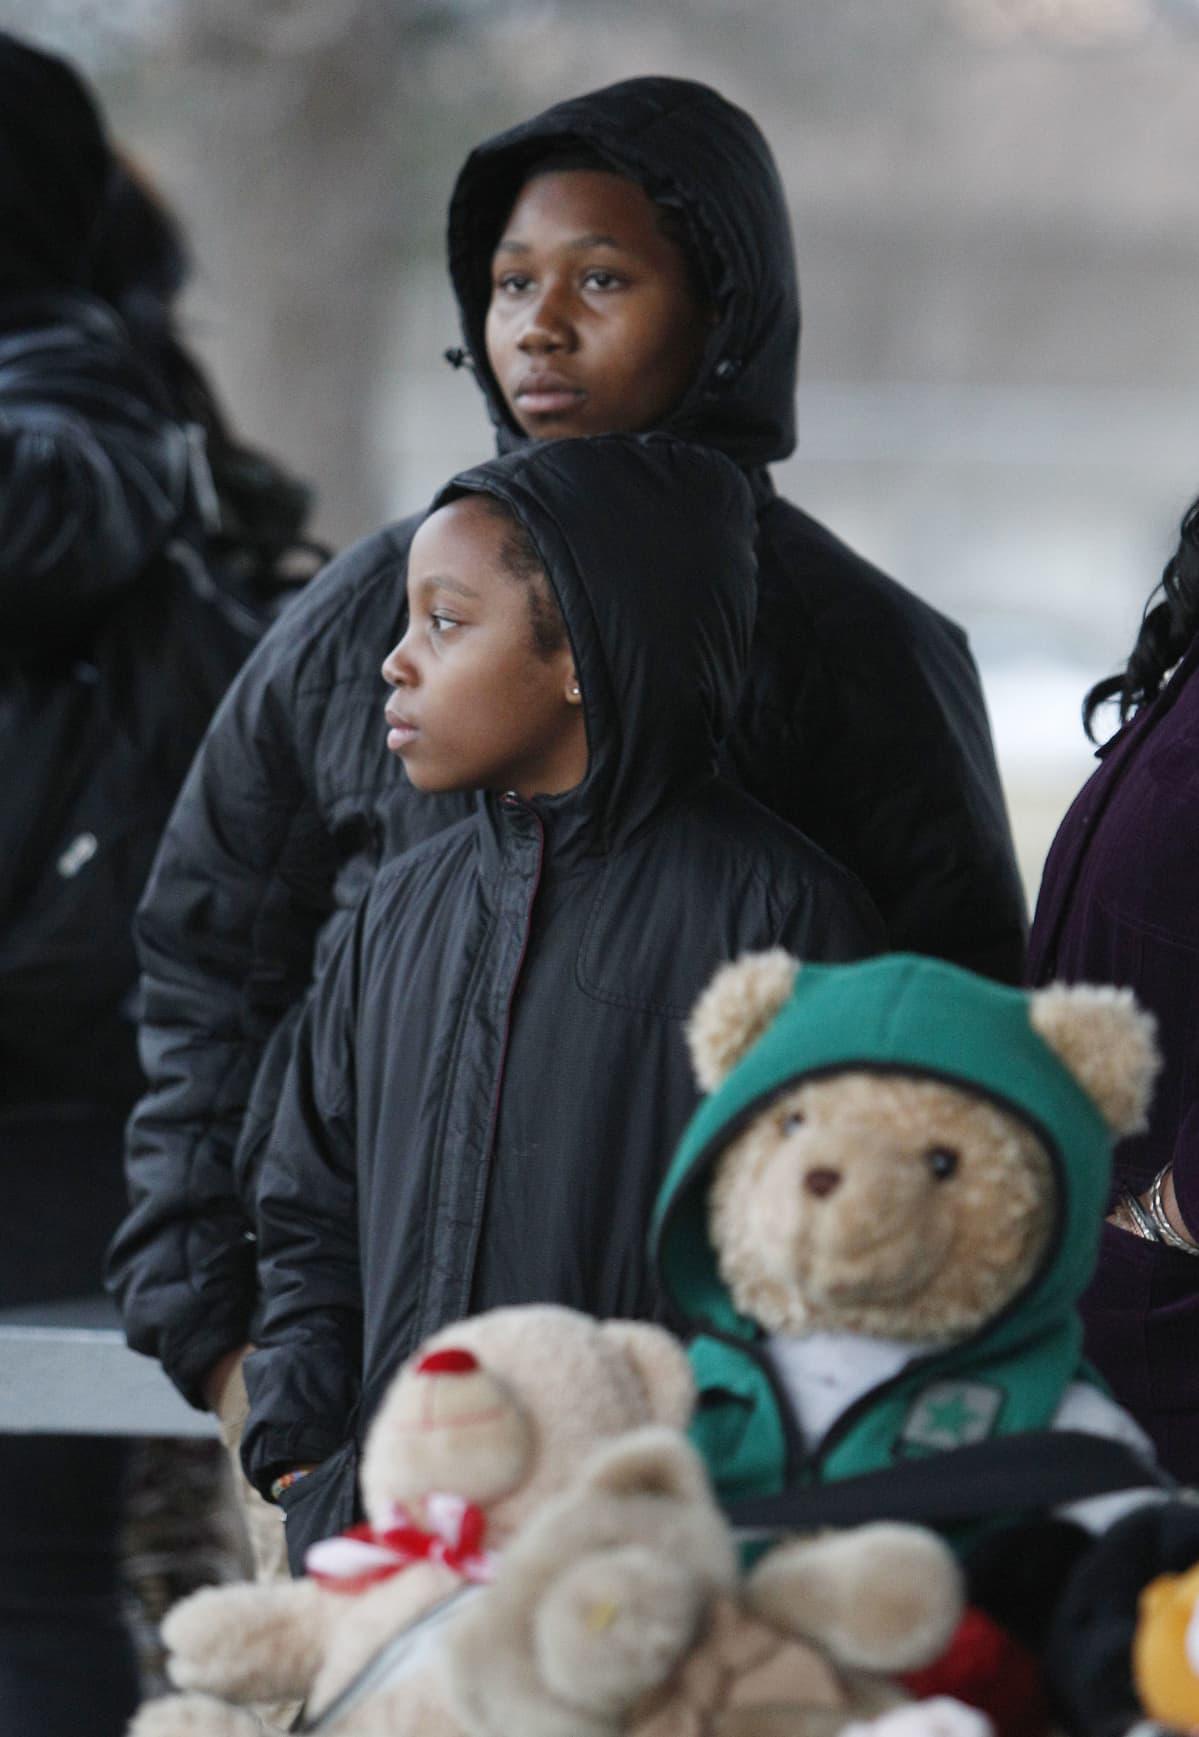 10-vuotias Maurice McAdams-Sledge ja hänen veljensä Isis McAdams-Sledge seisovat pehmolelukokoelman takana mielenosoituksessa, joka järjestettiin 12-vuotiaan Tamir Ricen surman kunniaksi Clevelandissa Ohiossa 24.11.2014.